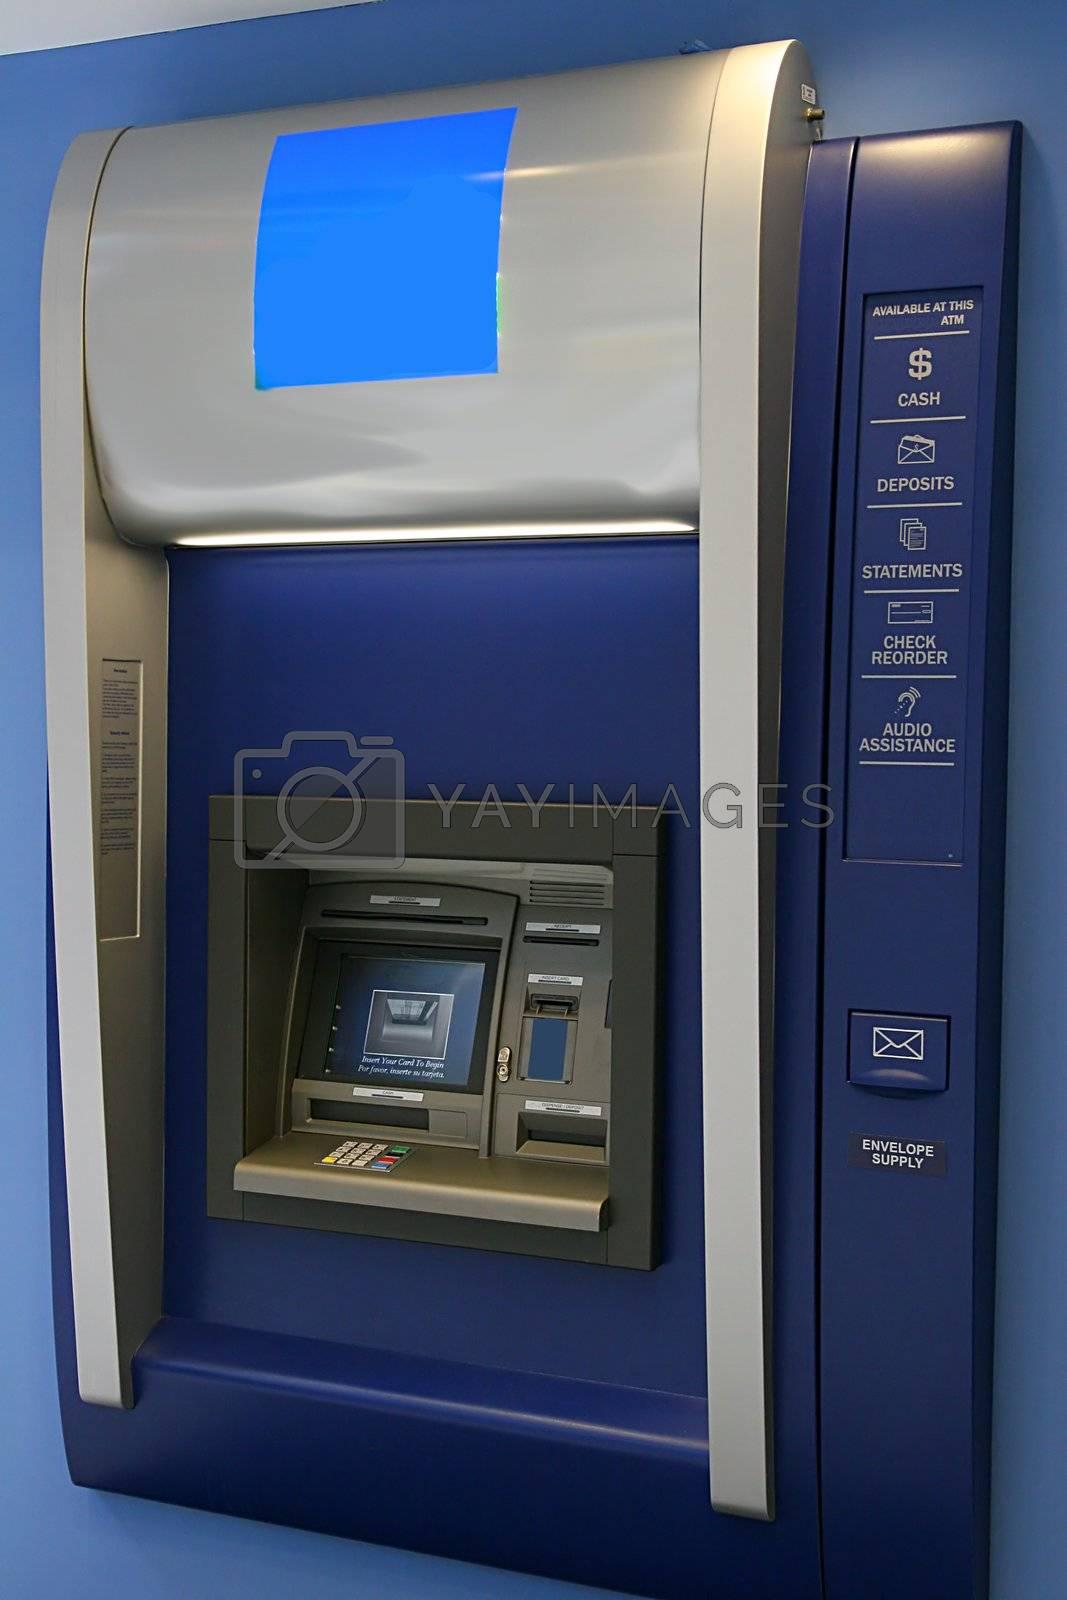 ATM by dbvirago